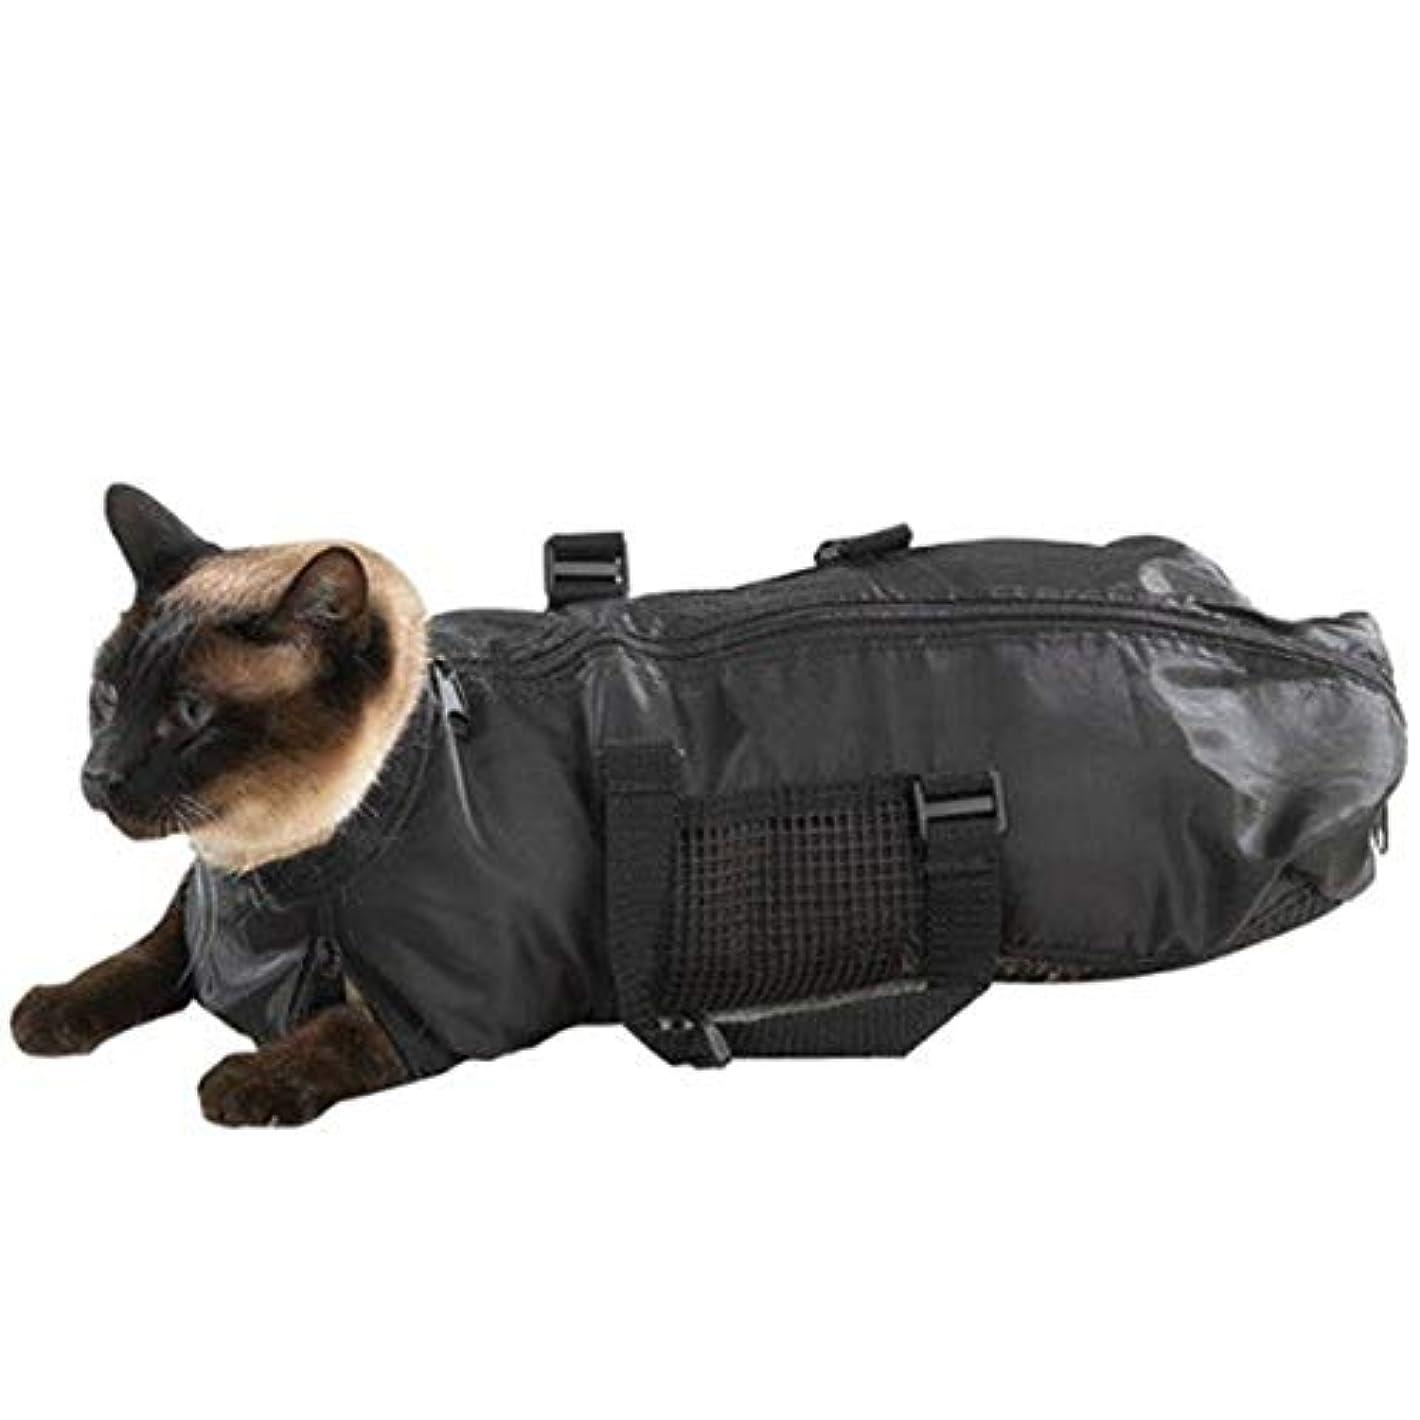 課税伝染性湿地Saikogoods ネイルクリッピングお風呂のための猫グルーミングバッグ 耐久性に優れ ノースクラッチ 噛み拘束 多彩なバッグ ペットサプライ 黒